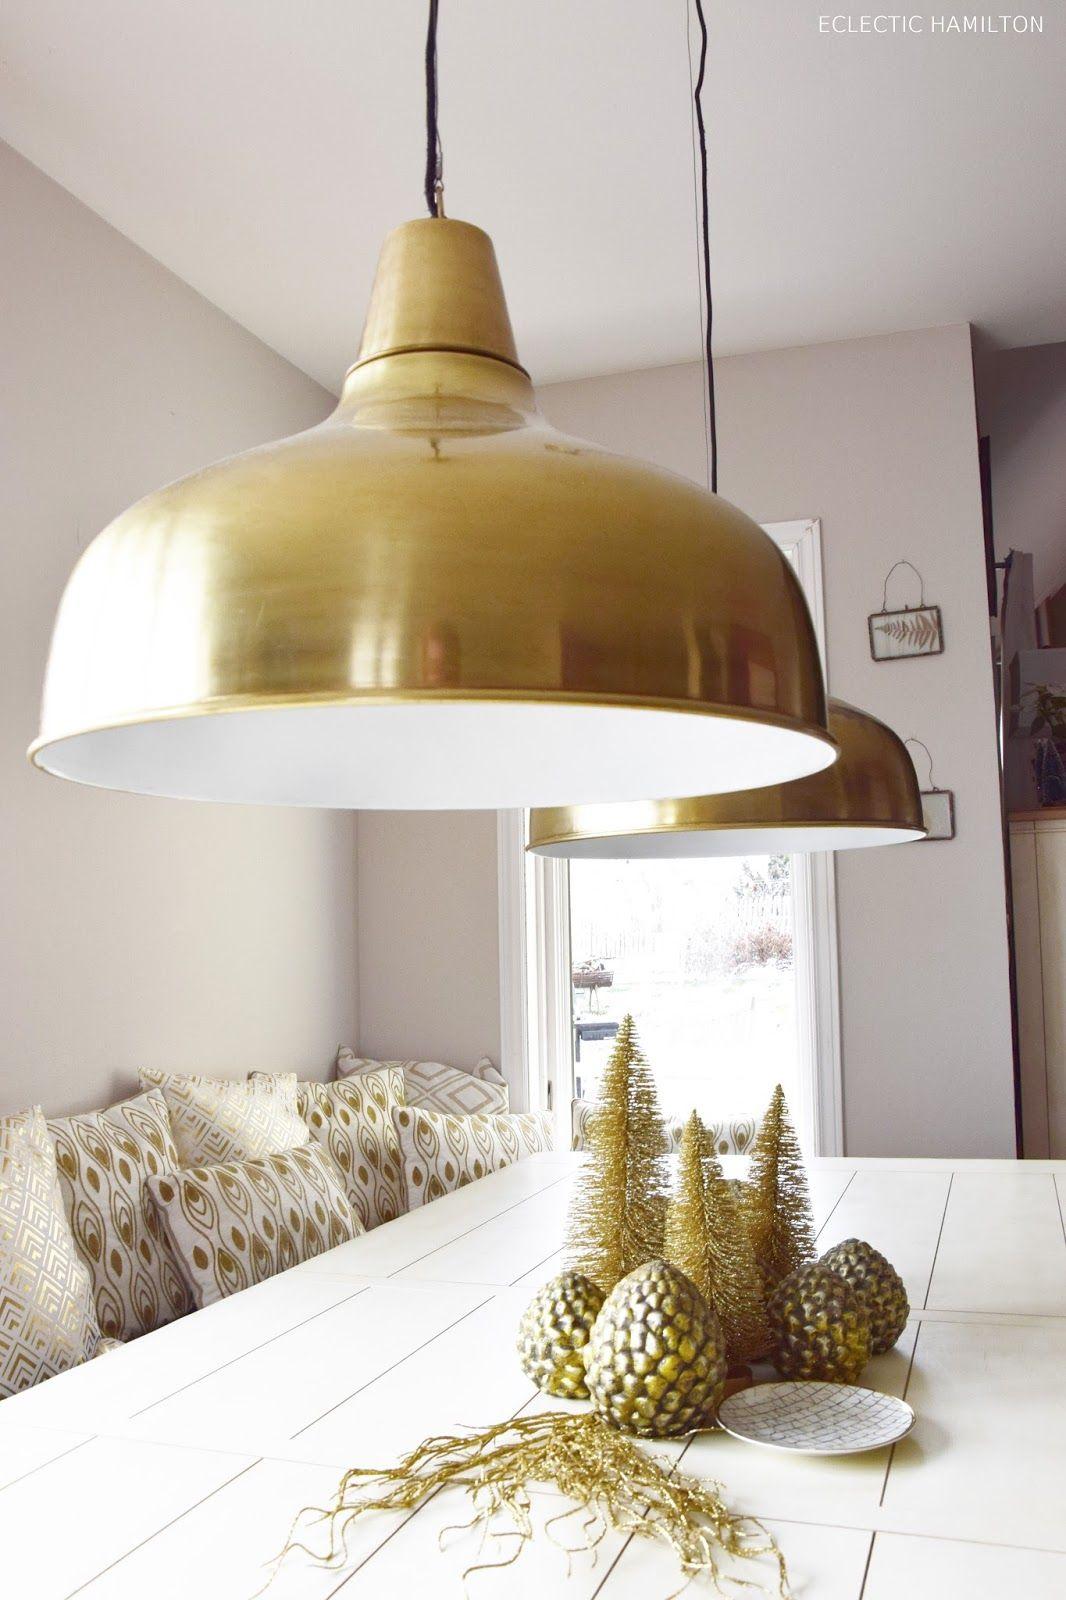 Attraktiv Die Perfekte Lampe Für Das Esszimmer Und Tolle Weihnachtsdeko In Gold.Tipps  Zum Leuchtmittelkauf /